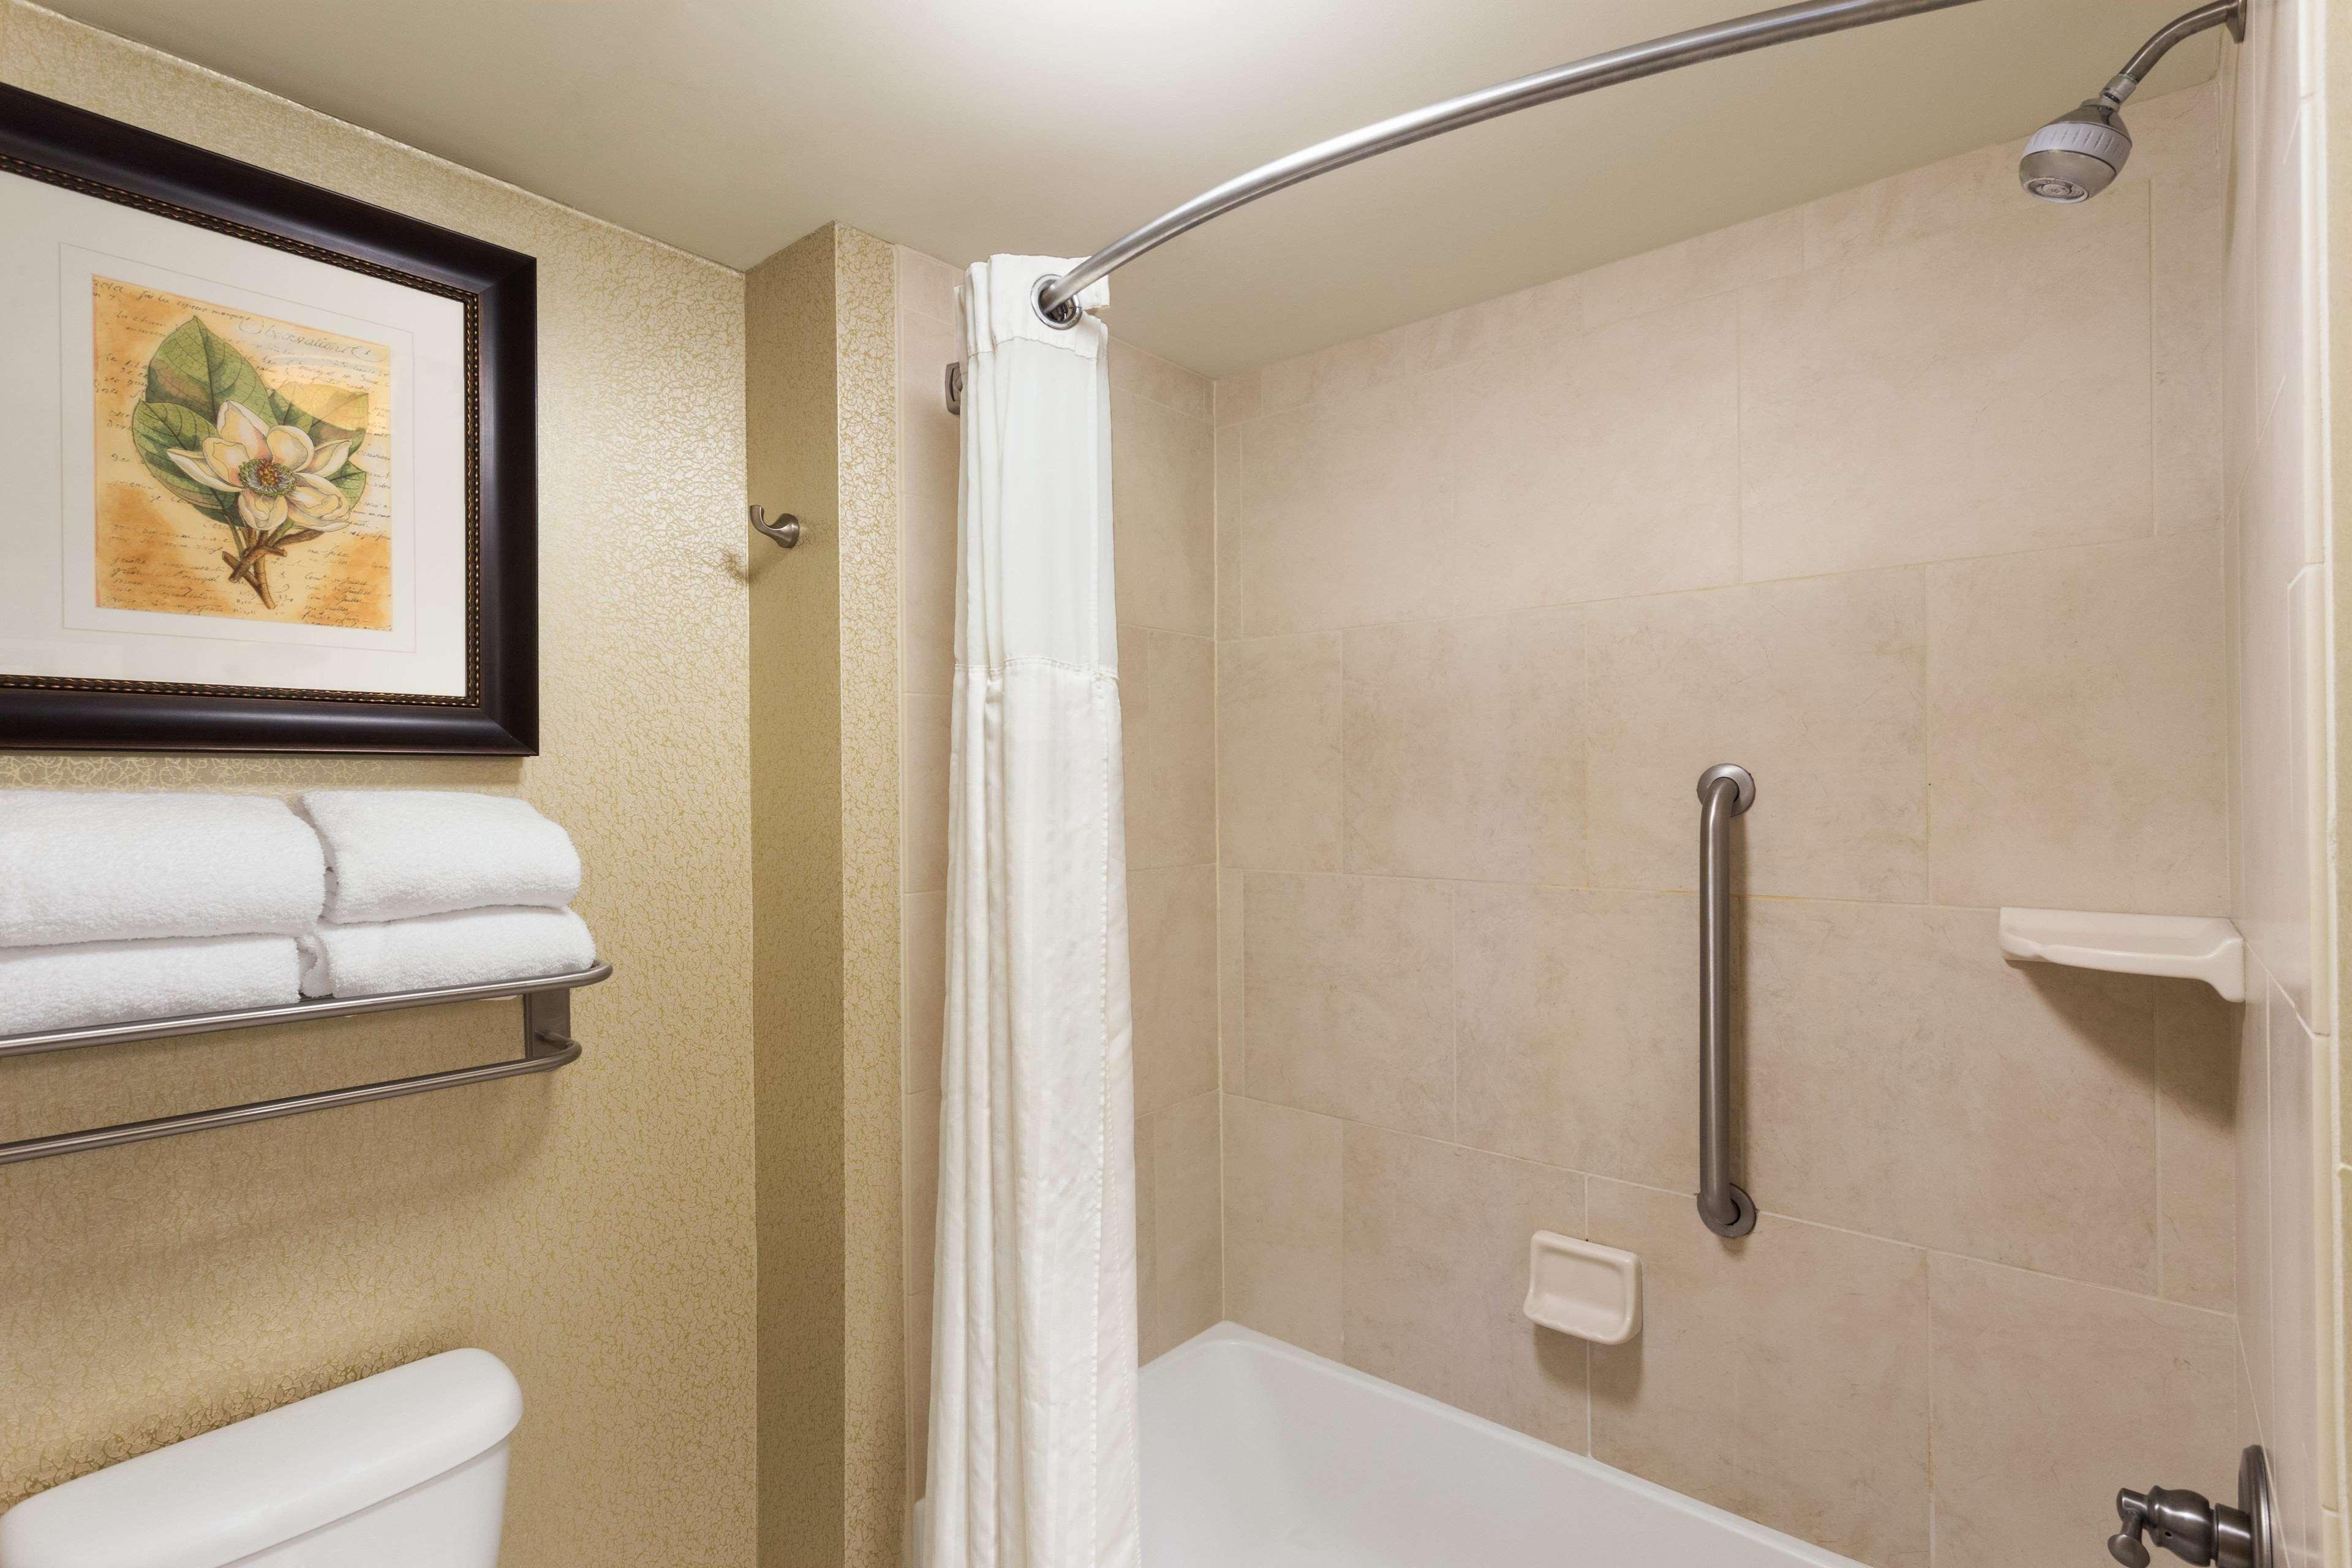 Homewood Suites by Hilton Lafayette-Airport, LA image 16